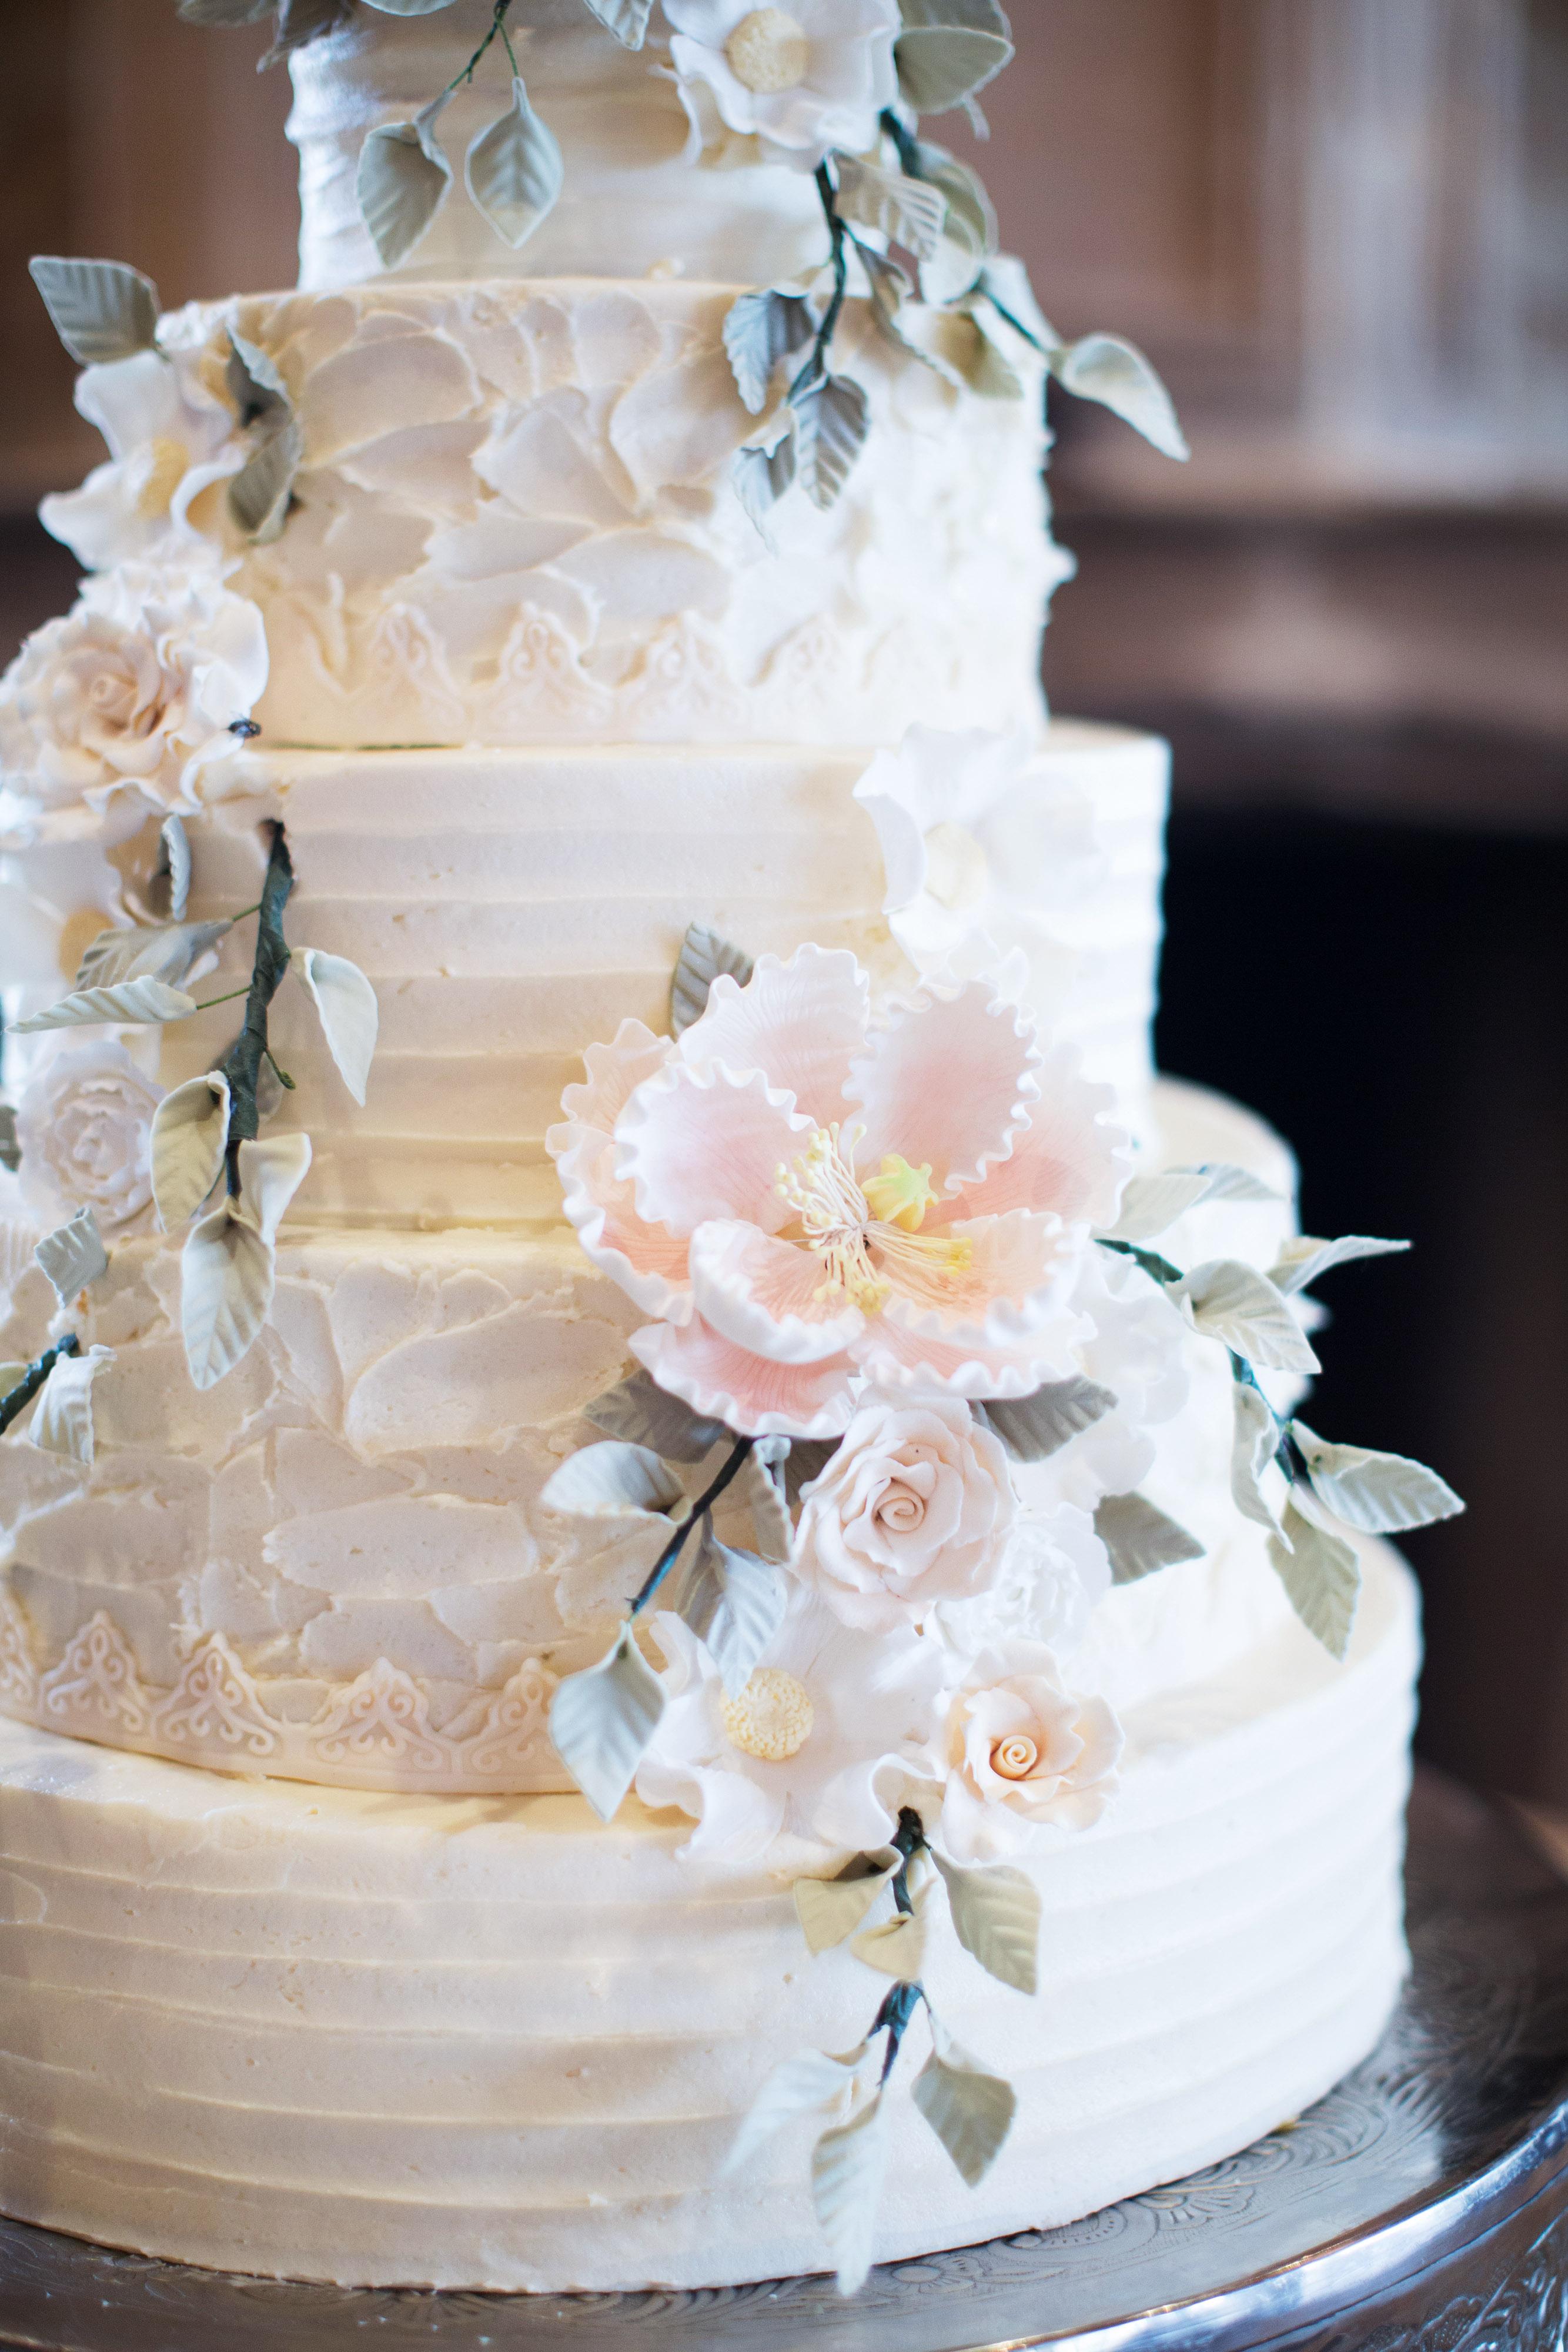 cake designs kelli durham